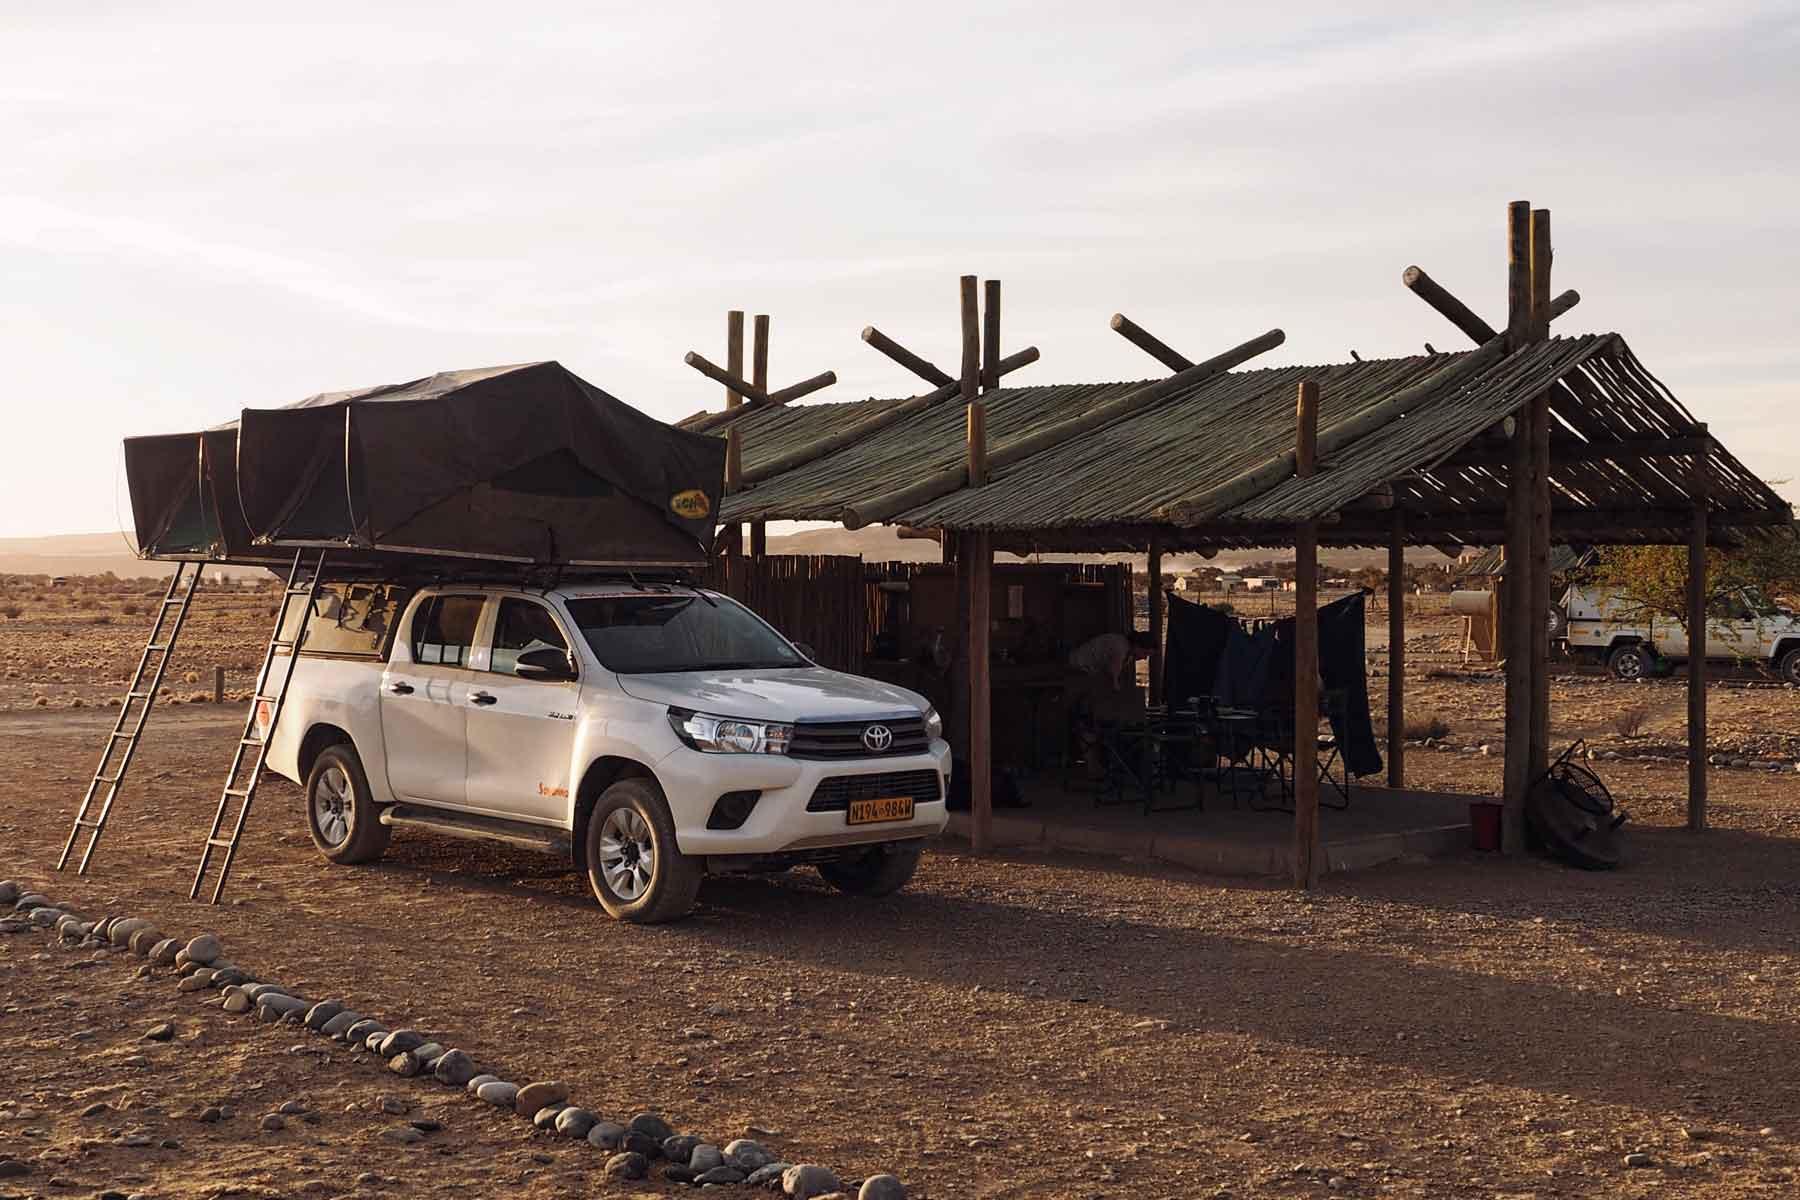 vorschlag rundreise namibia 4 wochen